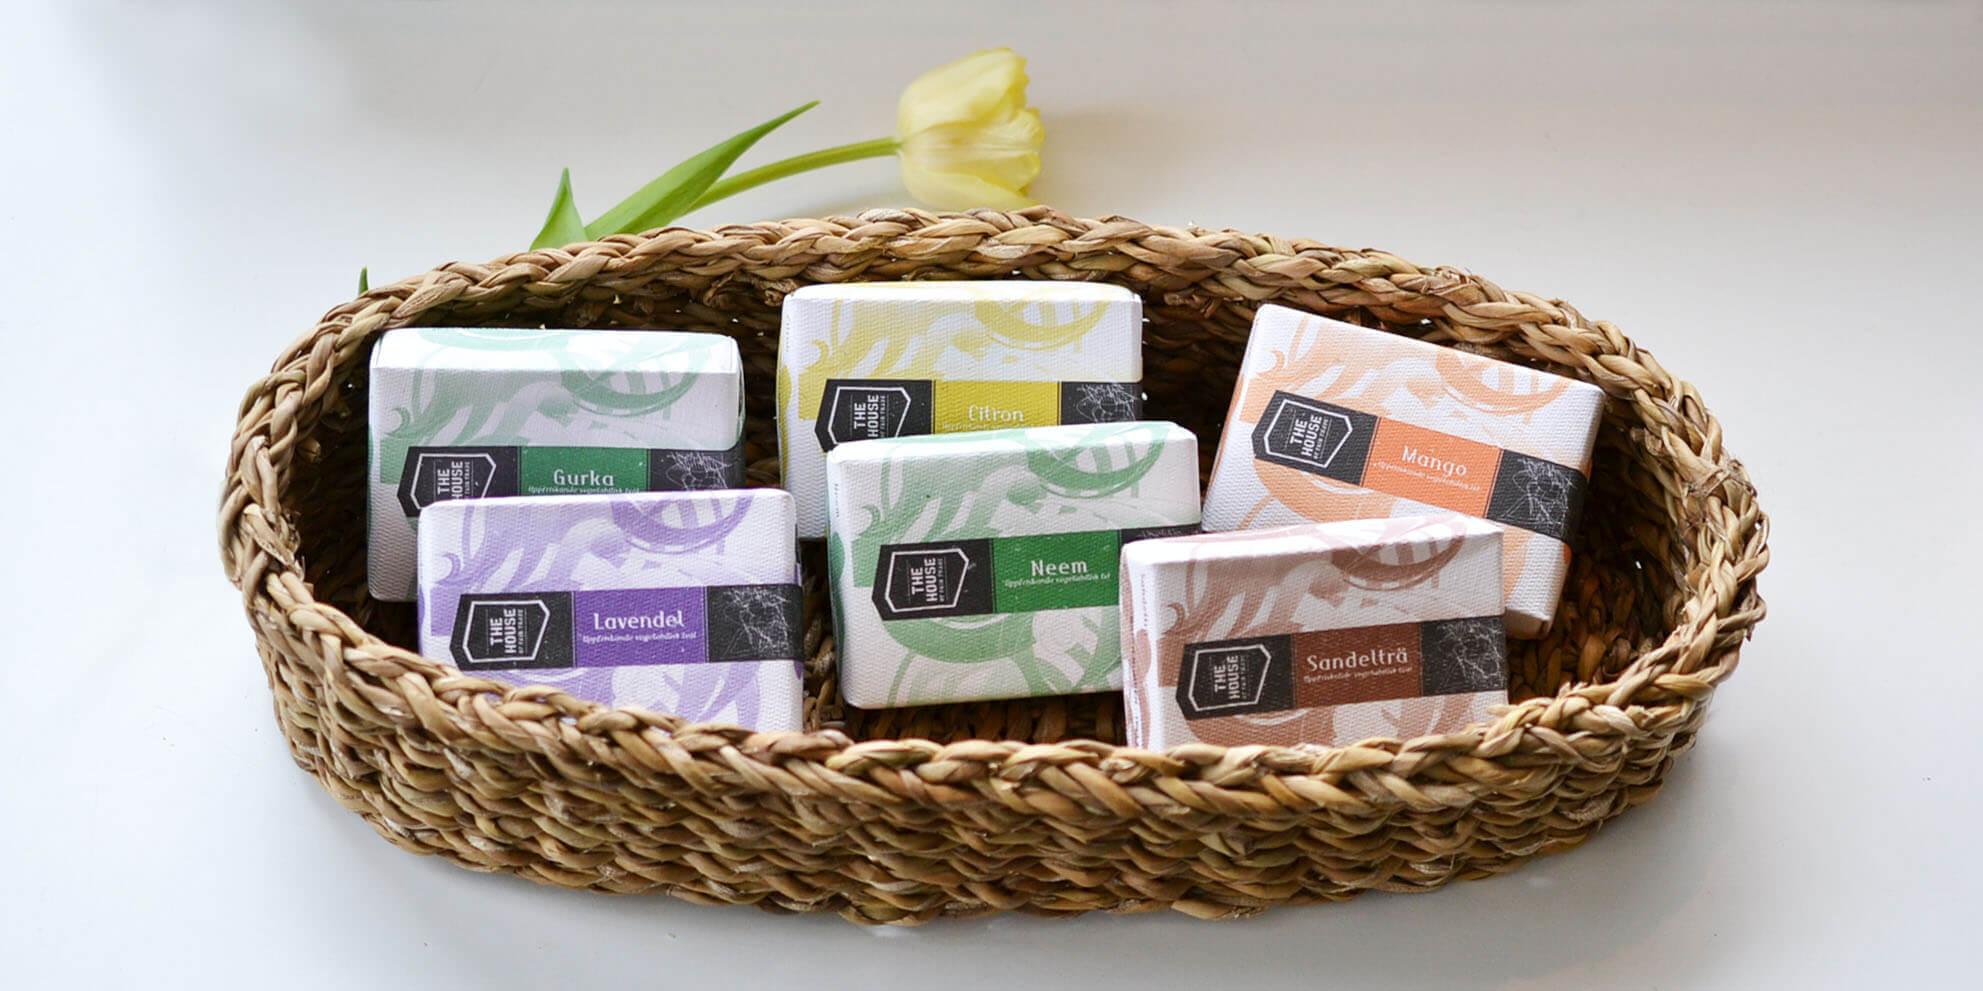 sandelträtvål, lavendel, Neemtvål, mangotvål -från Palam. Fair Trade